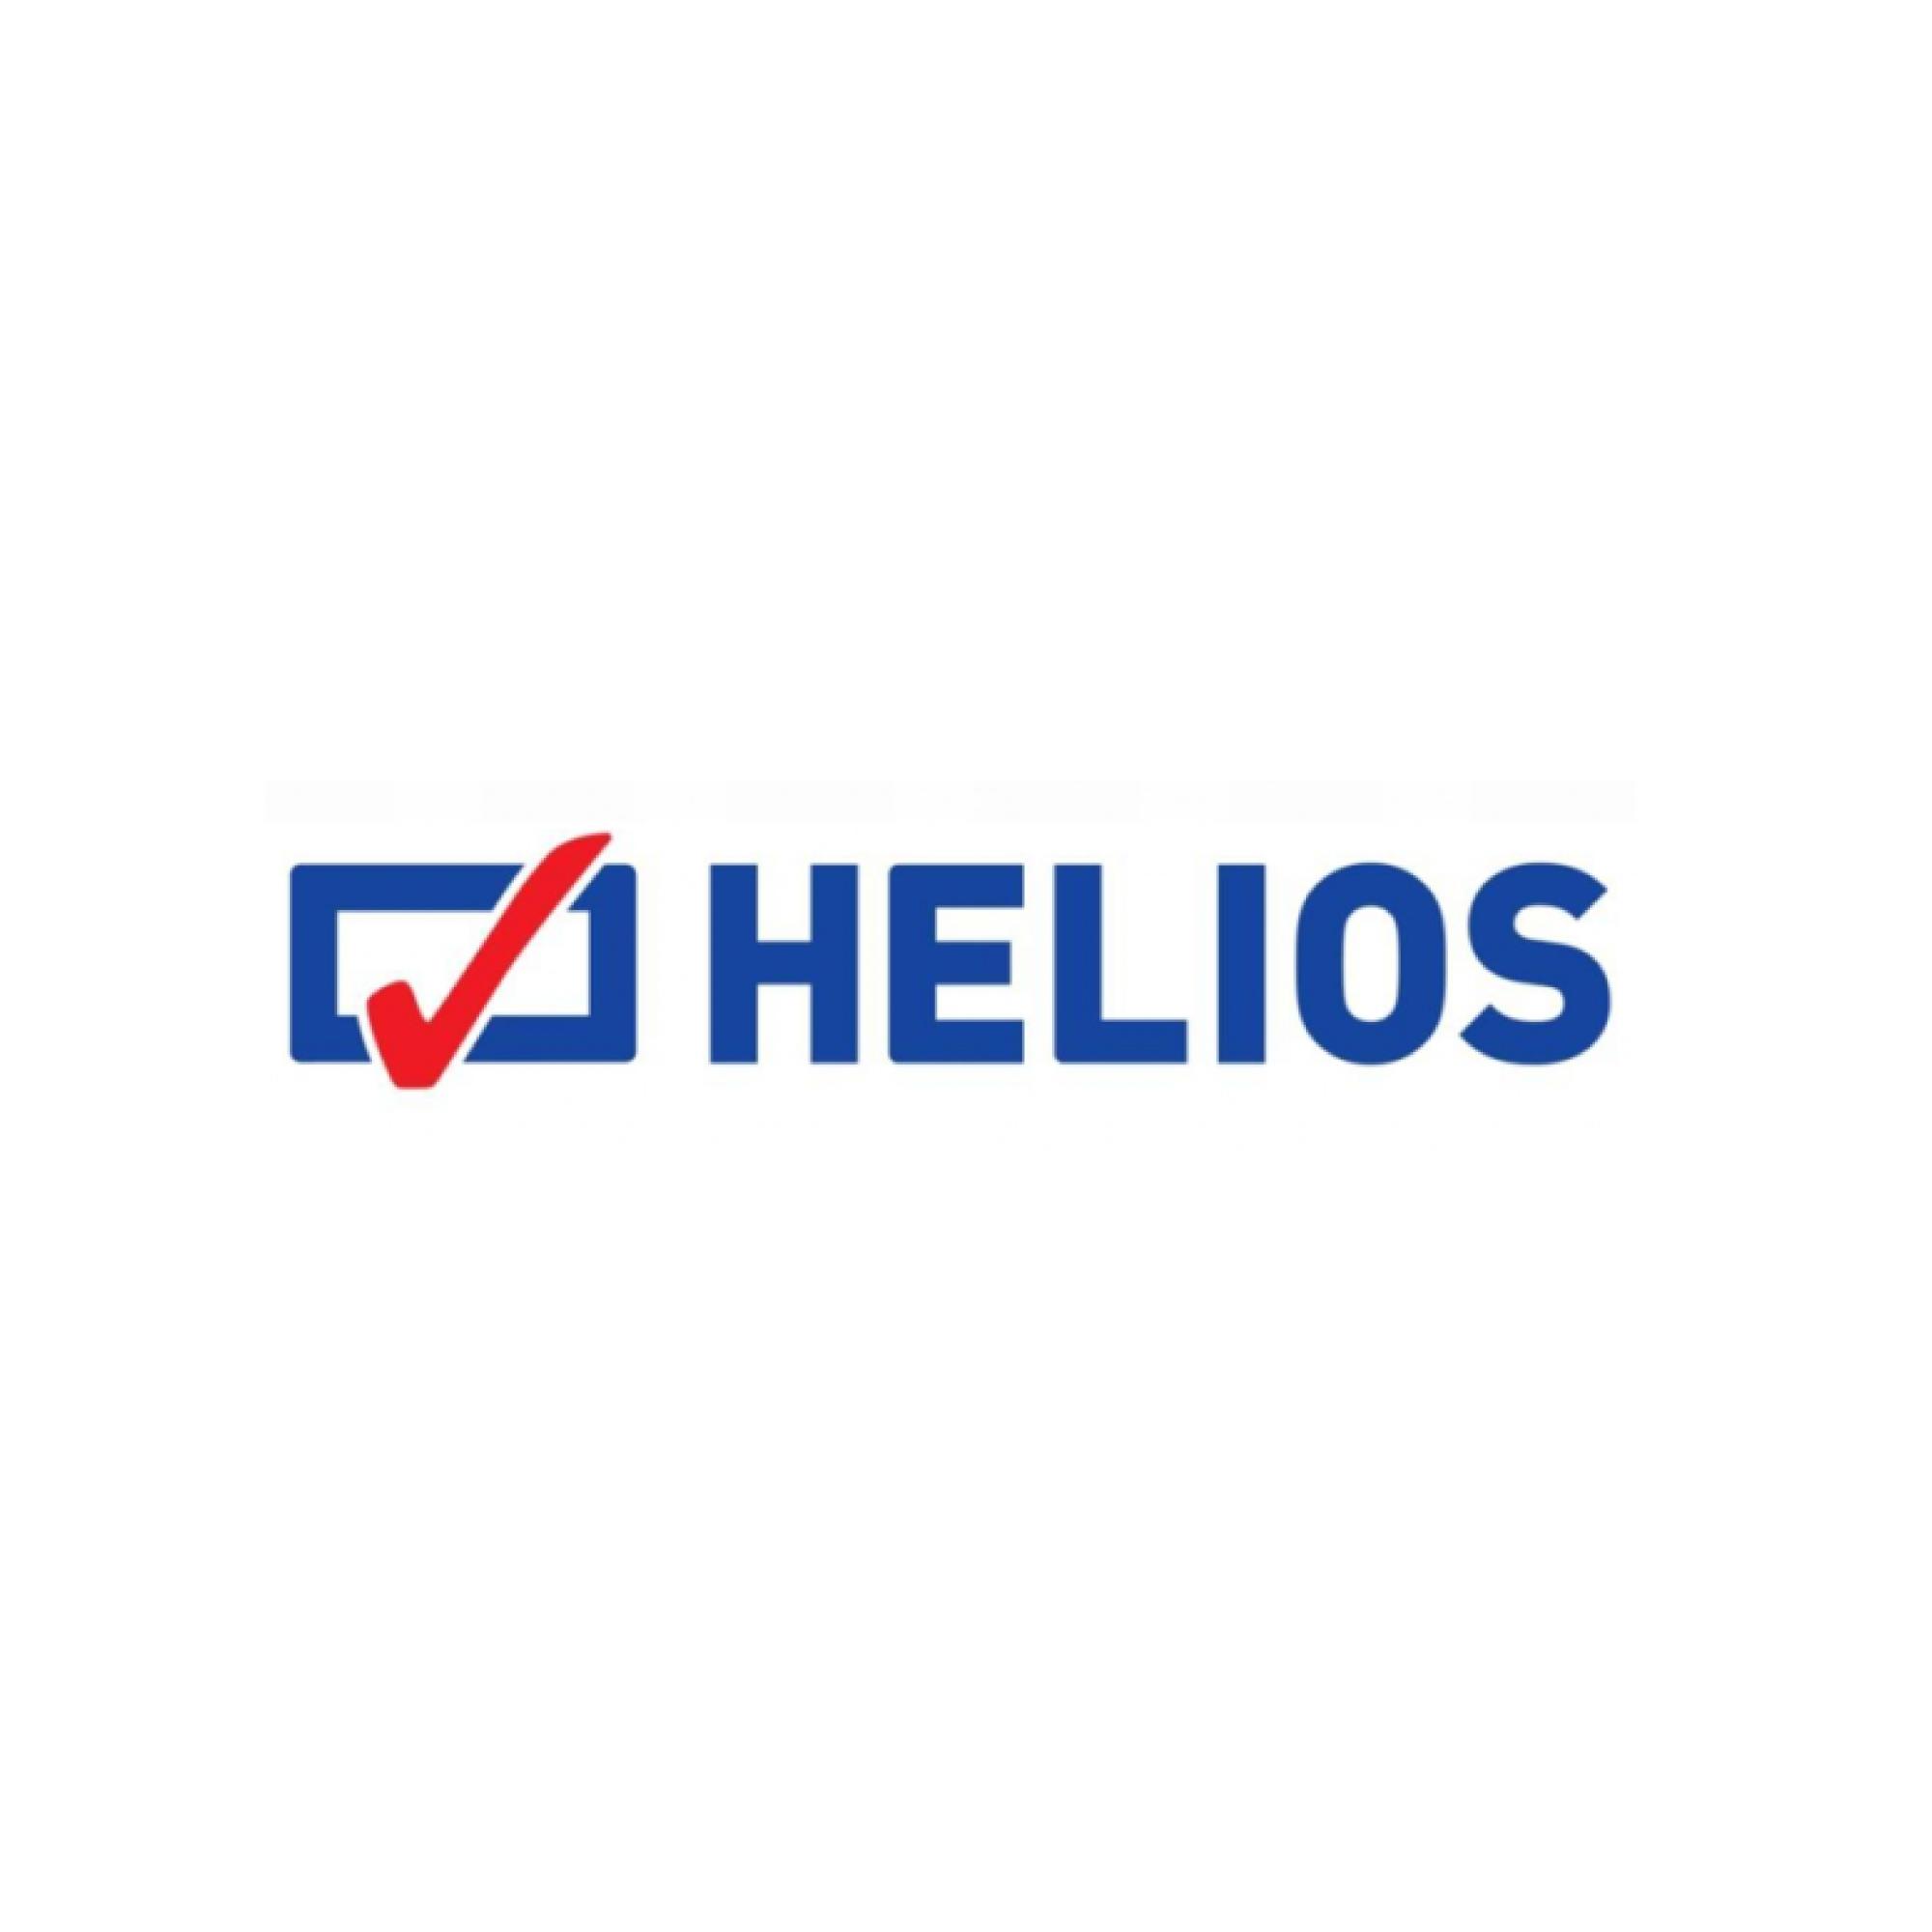 Infolinia Helios | lokalizacje, numery telefonów, informacje dodatkowe